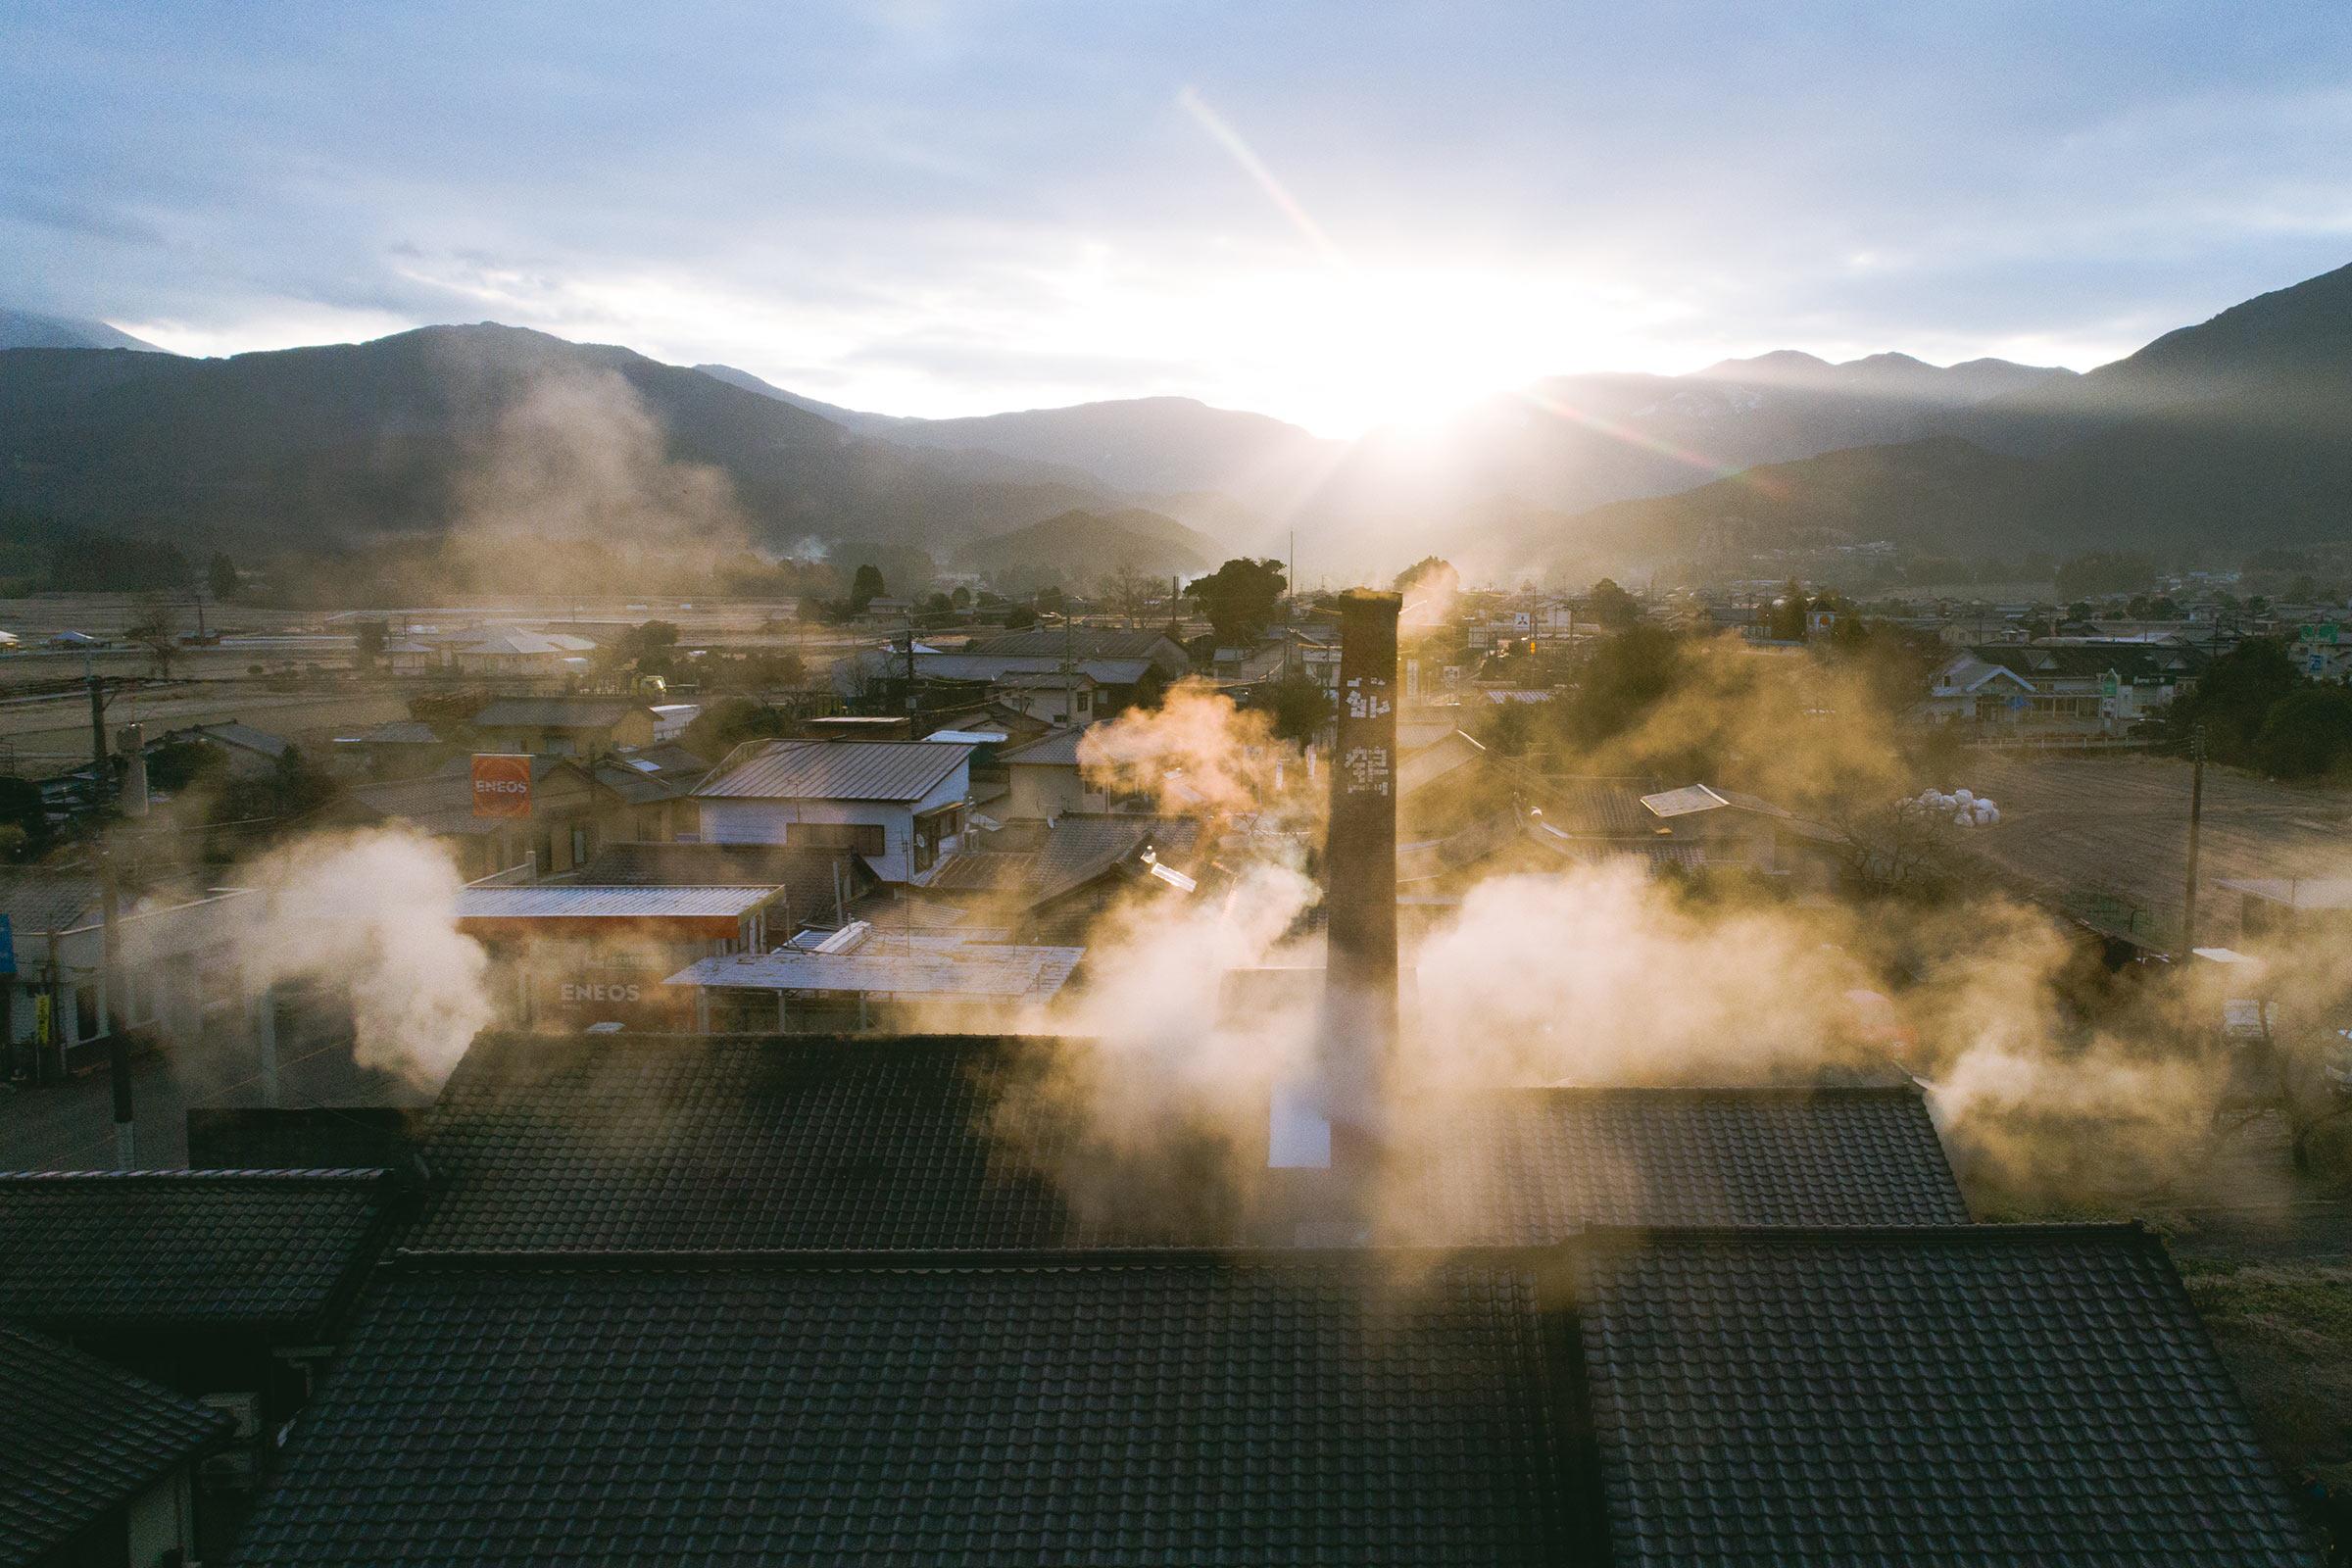 Toyonaga Distilling Company